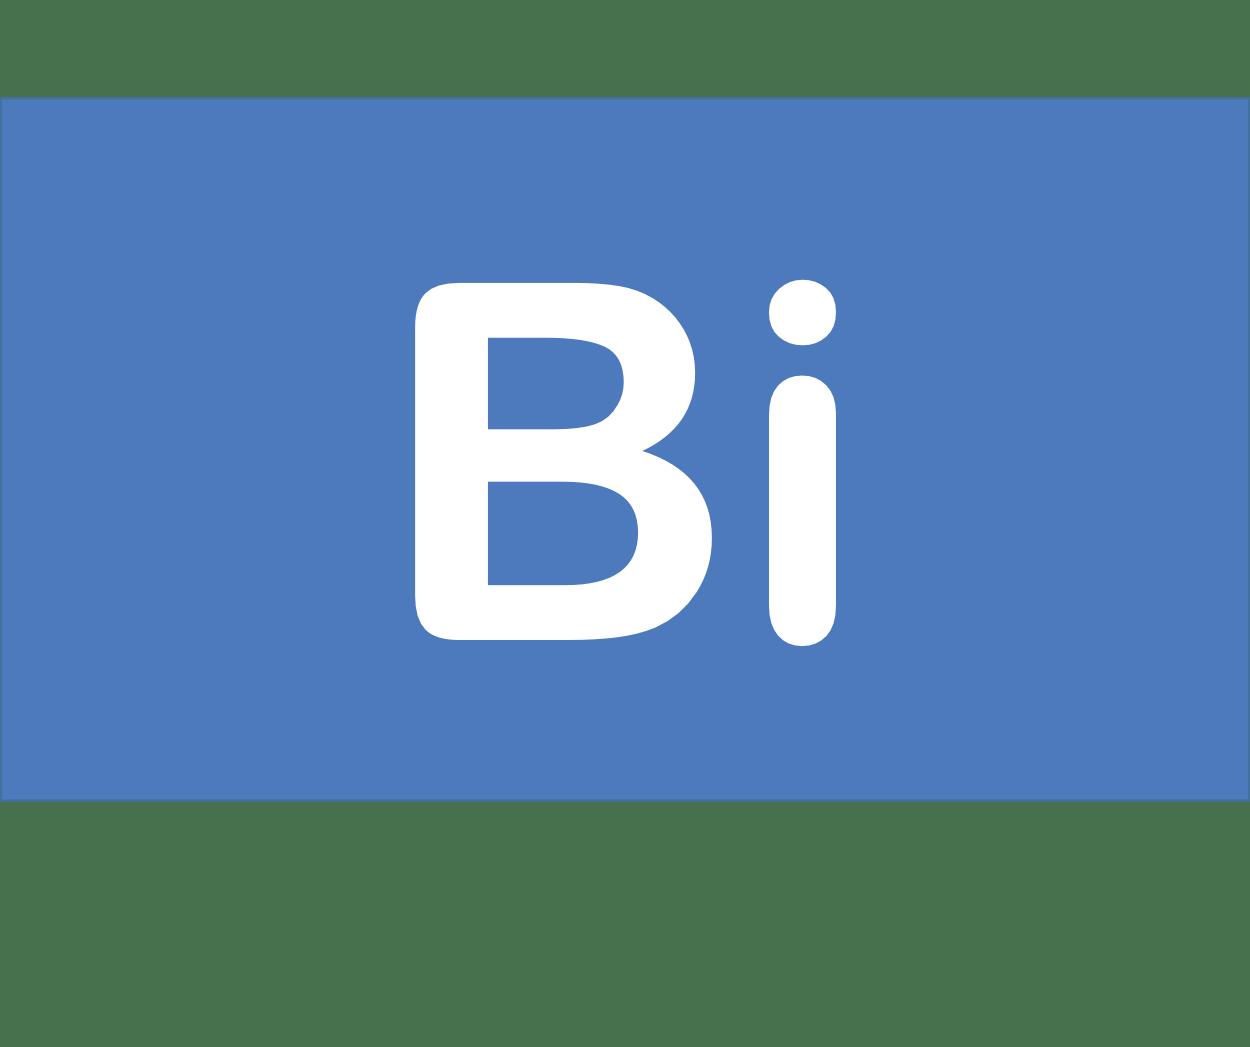 83 Bi ビスマス Bismuth 元素 記号 周期表 化学 原子